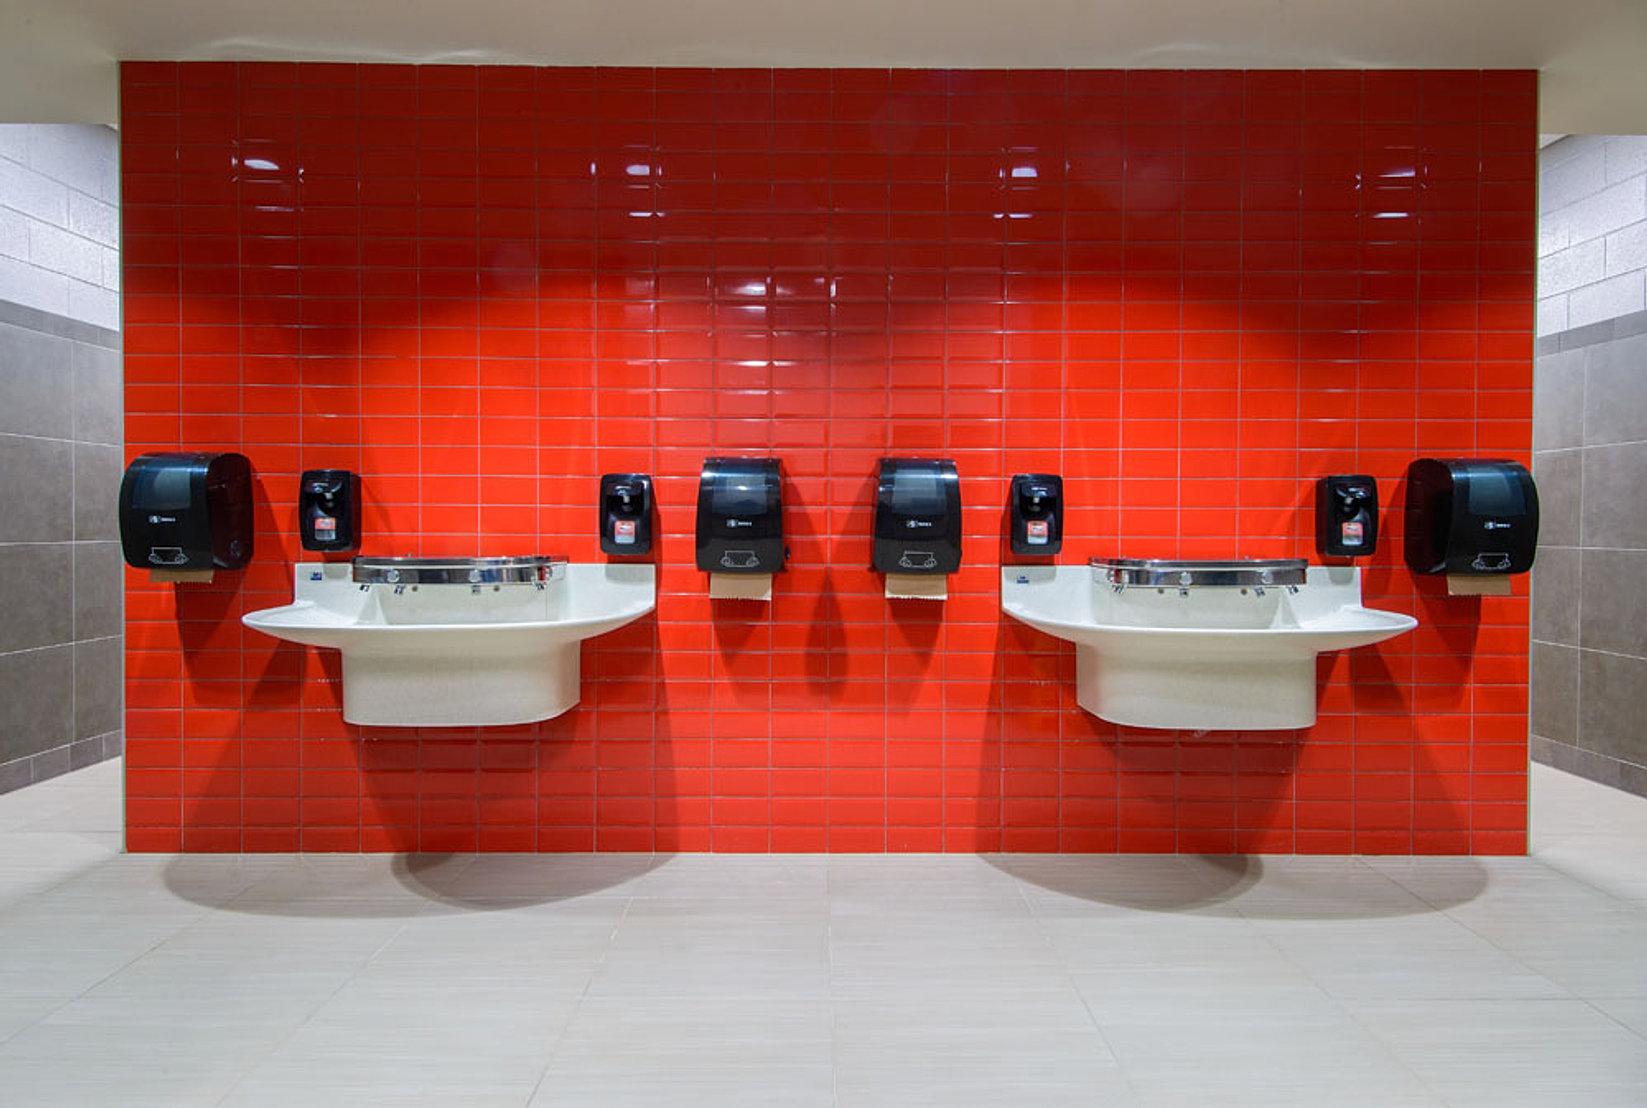 elementary school bathroom. Chisholm Elementary School Bathroom